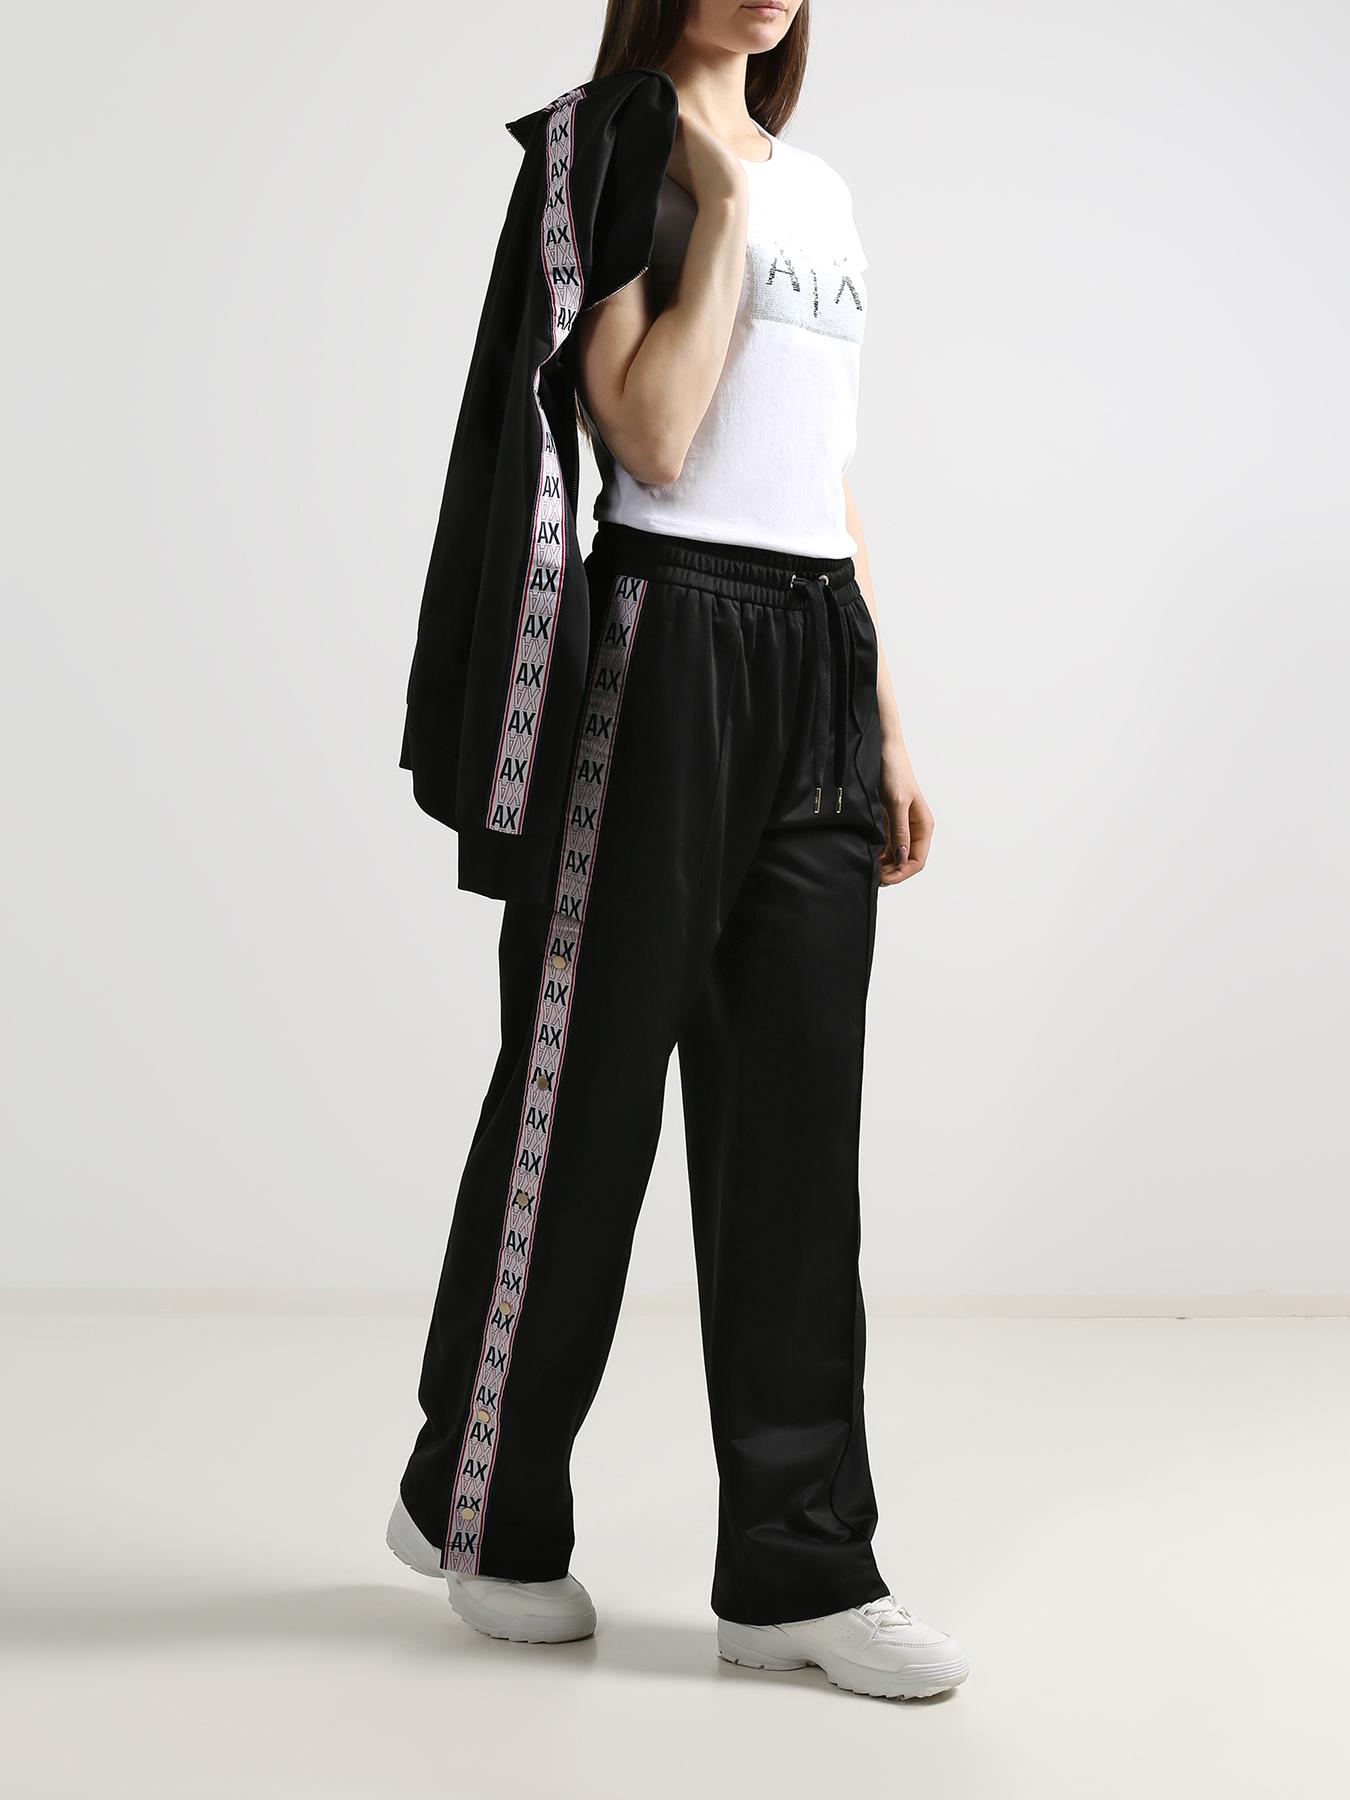 Брюки Armani Exchange Свободные брюки